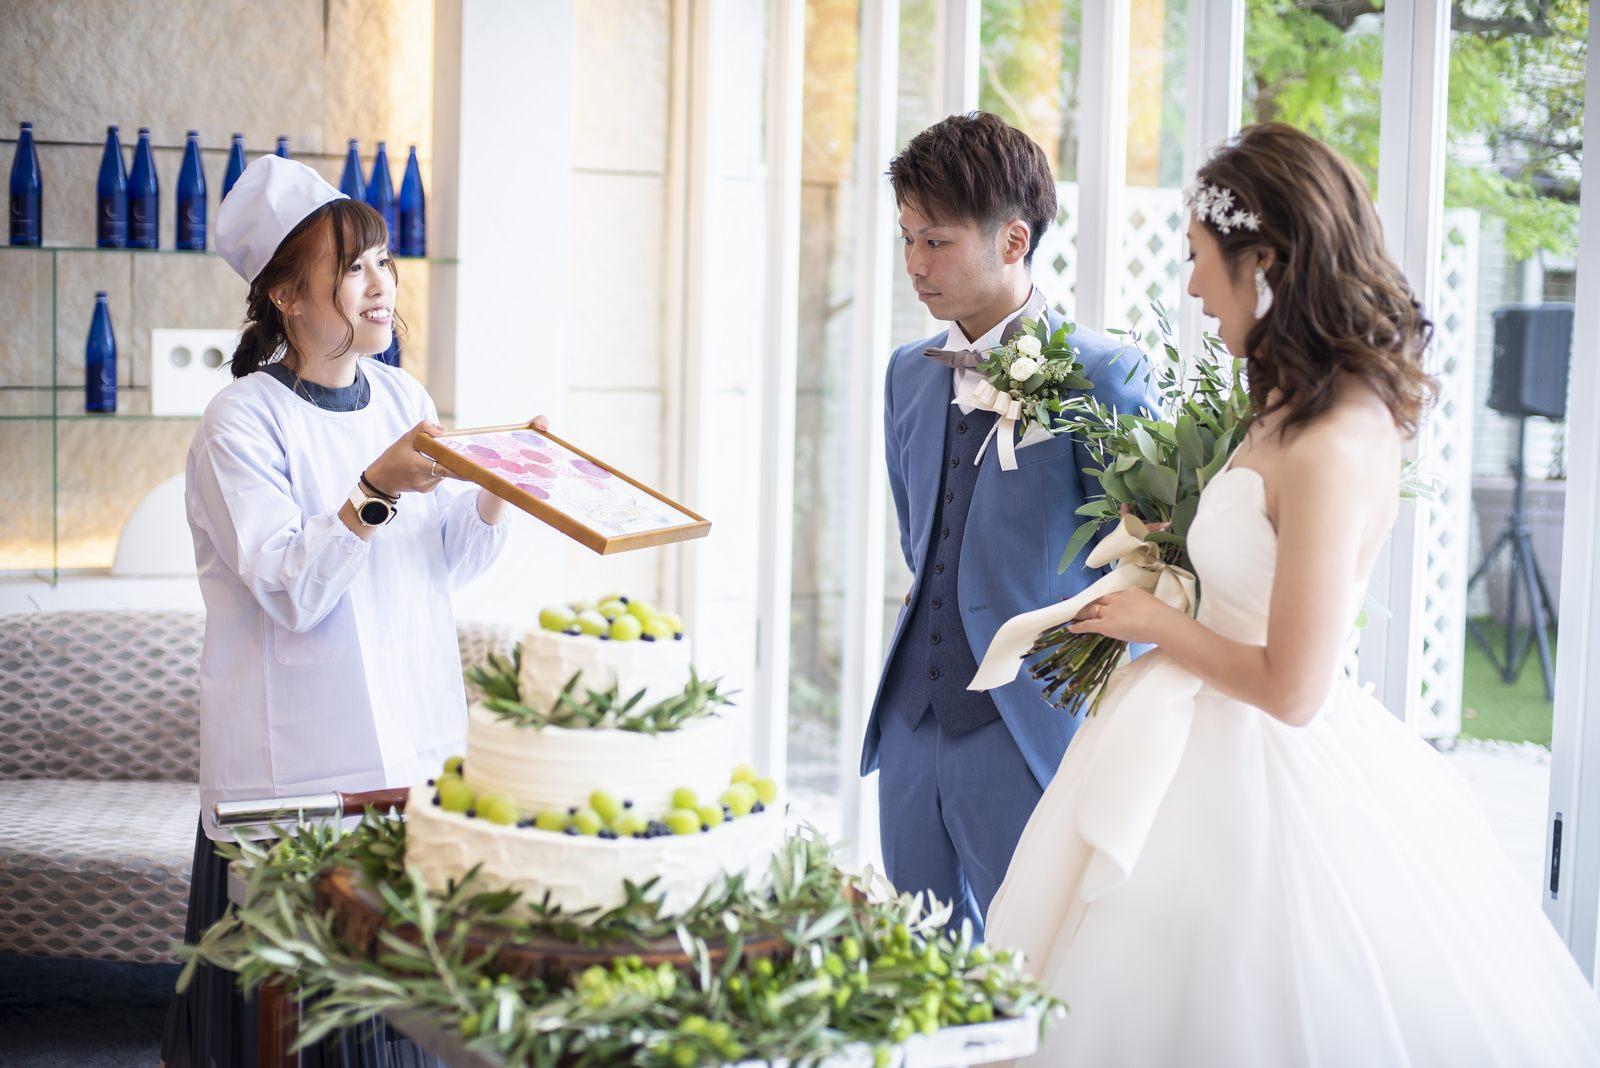 香川県の結婚式場シェルエメール&アイスタイルのウエディングケーキ